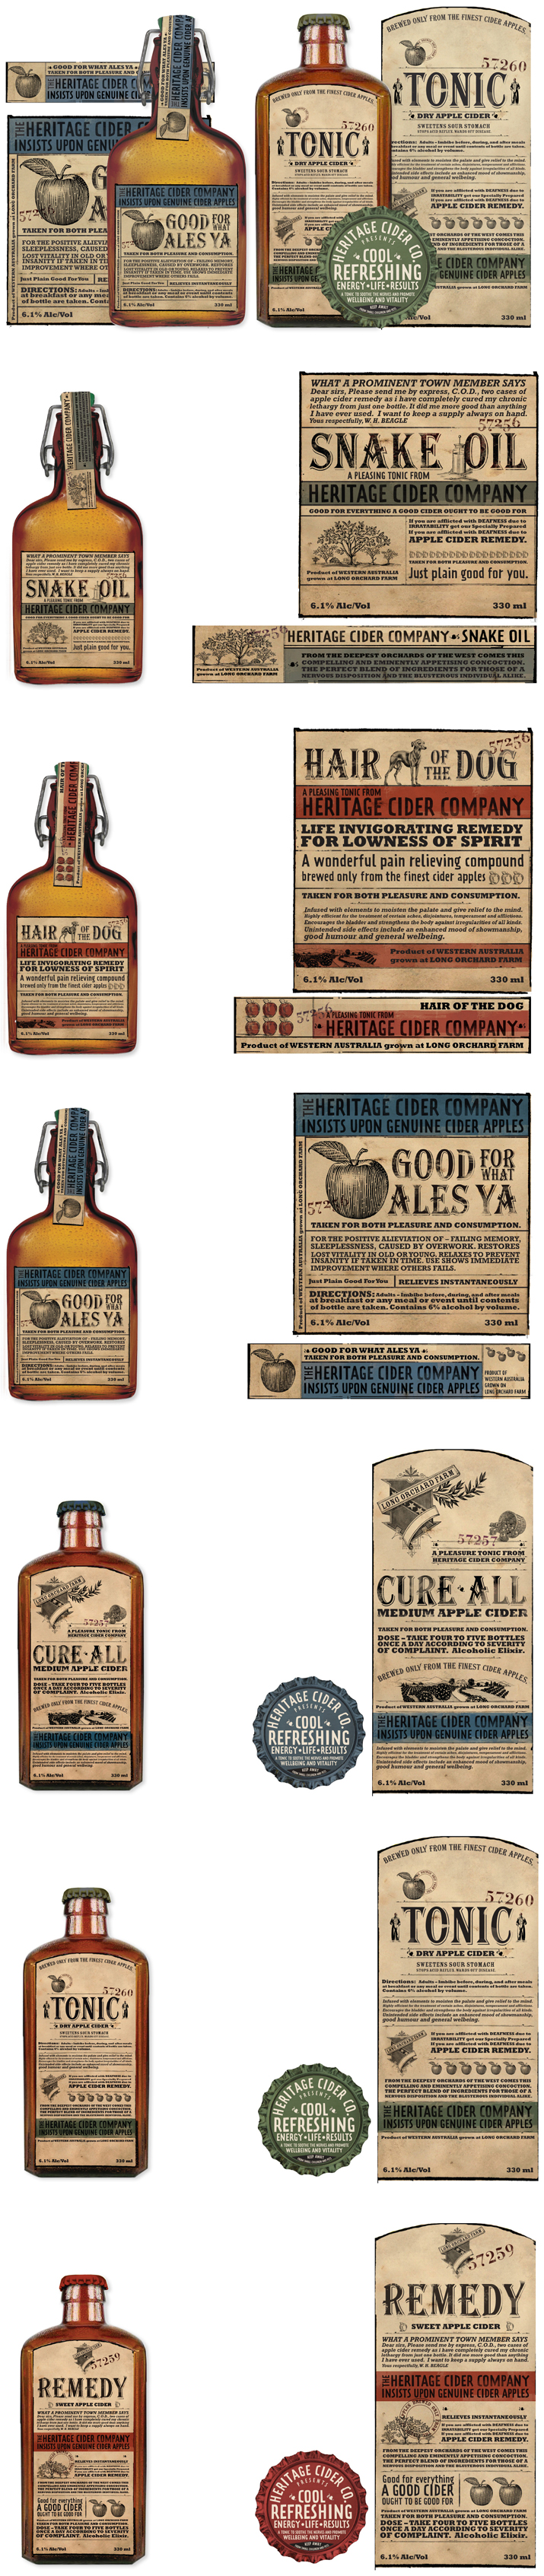 Heritage Cider Co